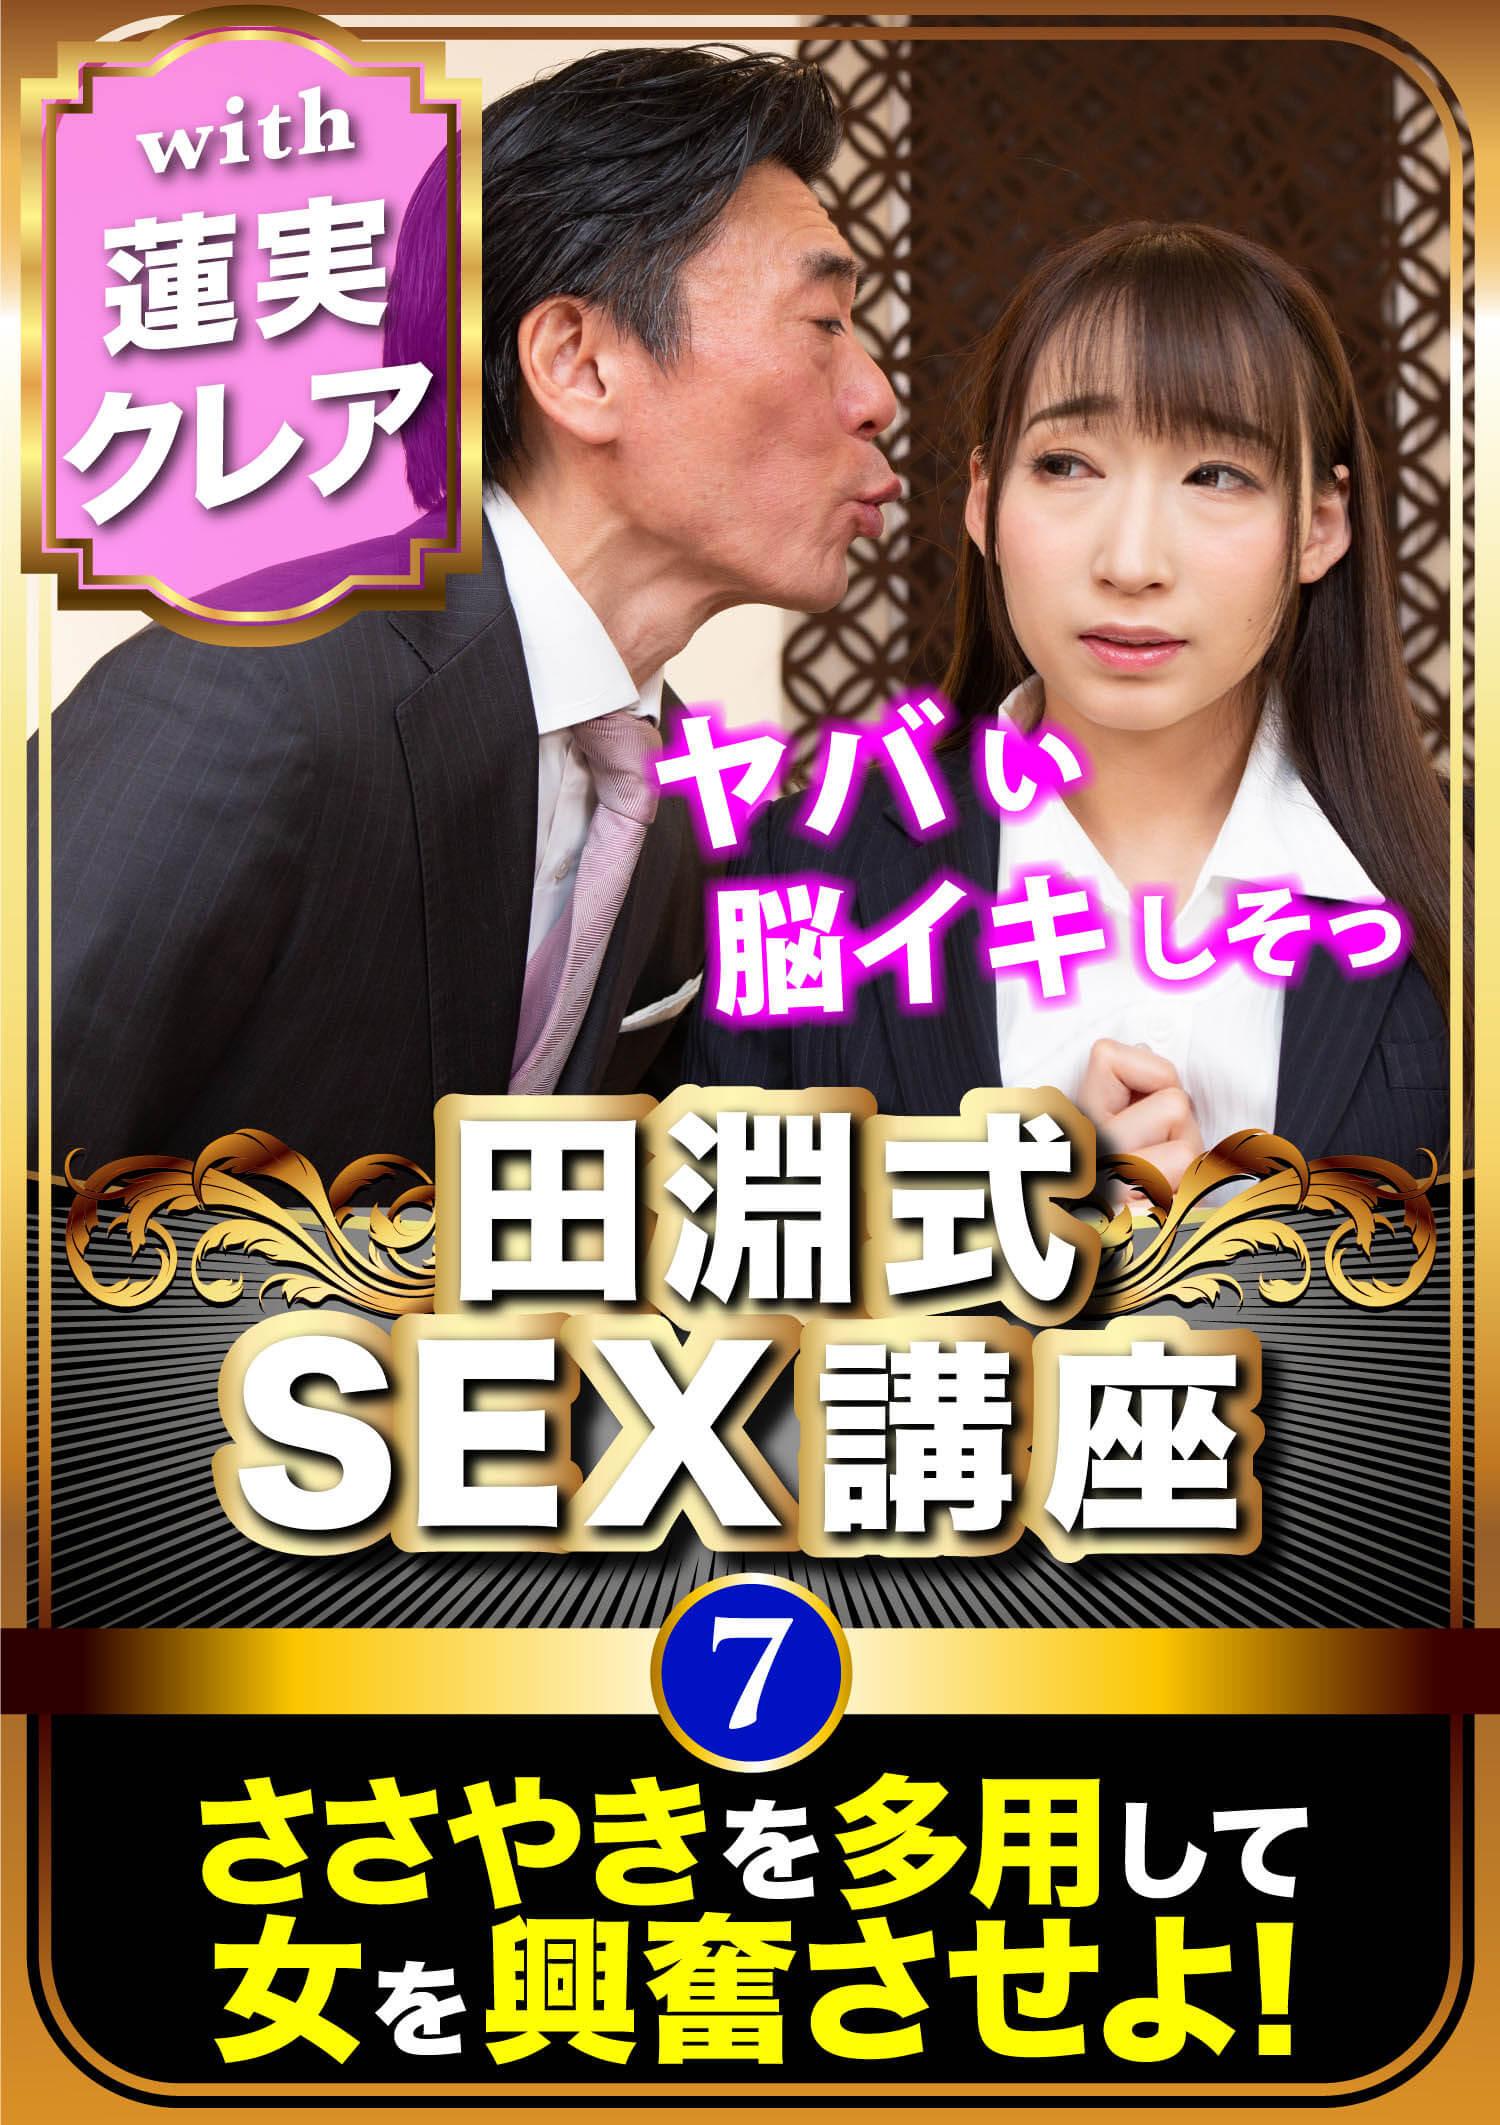 田淵式SEX講座7 ささやきを多用して女を興奮させよ!